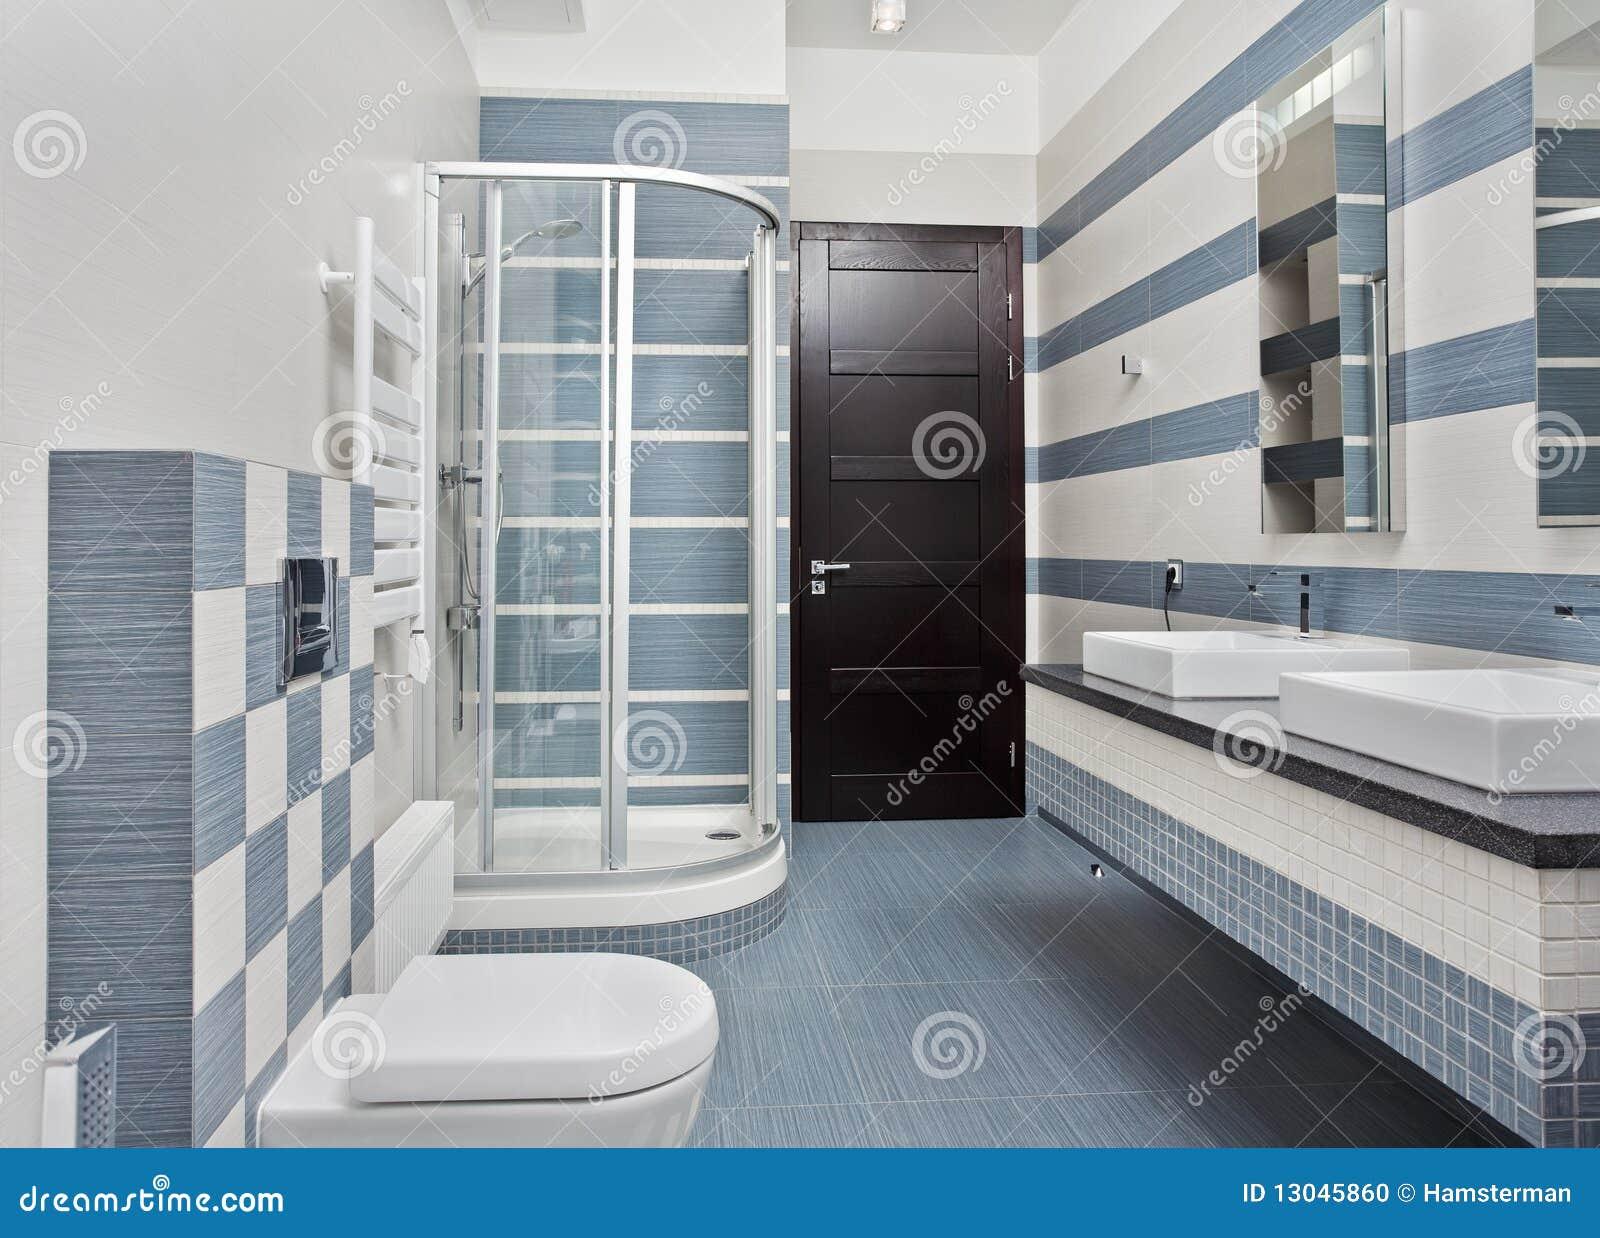 Salle De Bains Moderne Dans Le Bleu Avec Le Compartiment De Douche ...